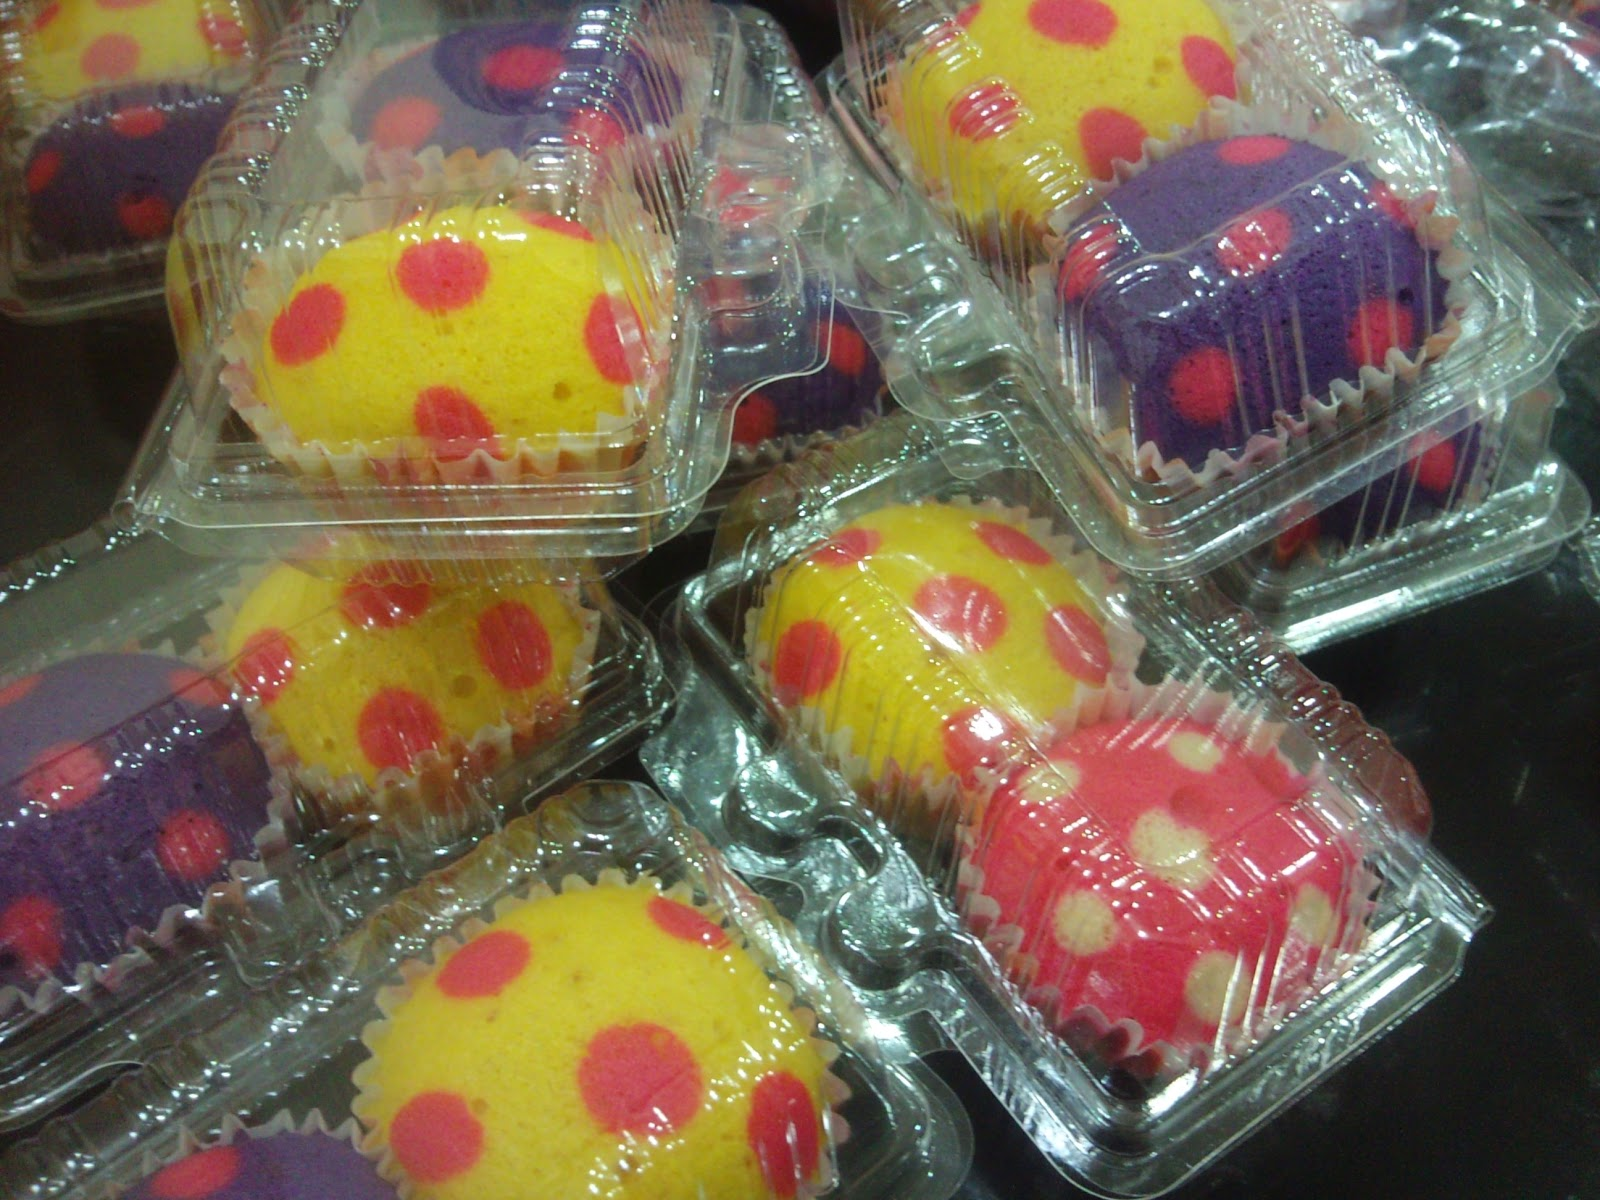 Harga Door Gift Apam Polka Dot & aSzbaRd~ Bakery: Harga Door Gift Apam Polka Dot